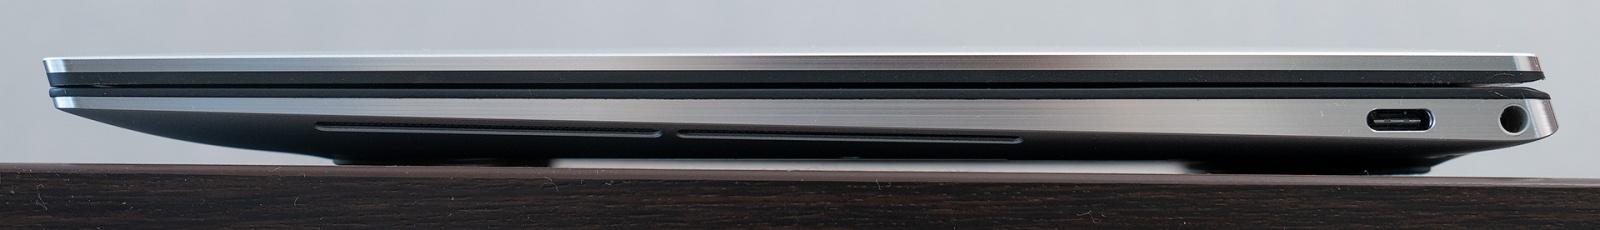 XPS 13 9310: эволюционный апгрейд флагманского ультрабука Dell с Tiger Lake внутри - 5